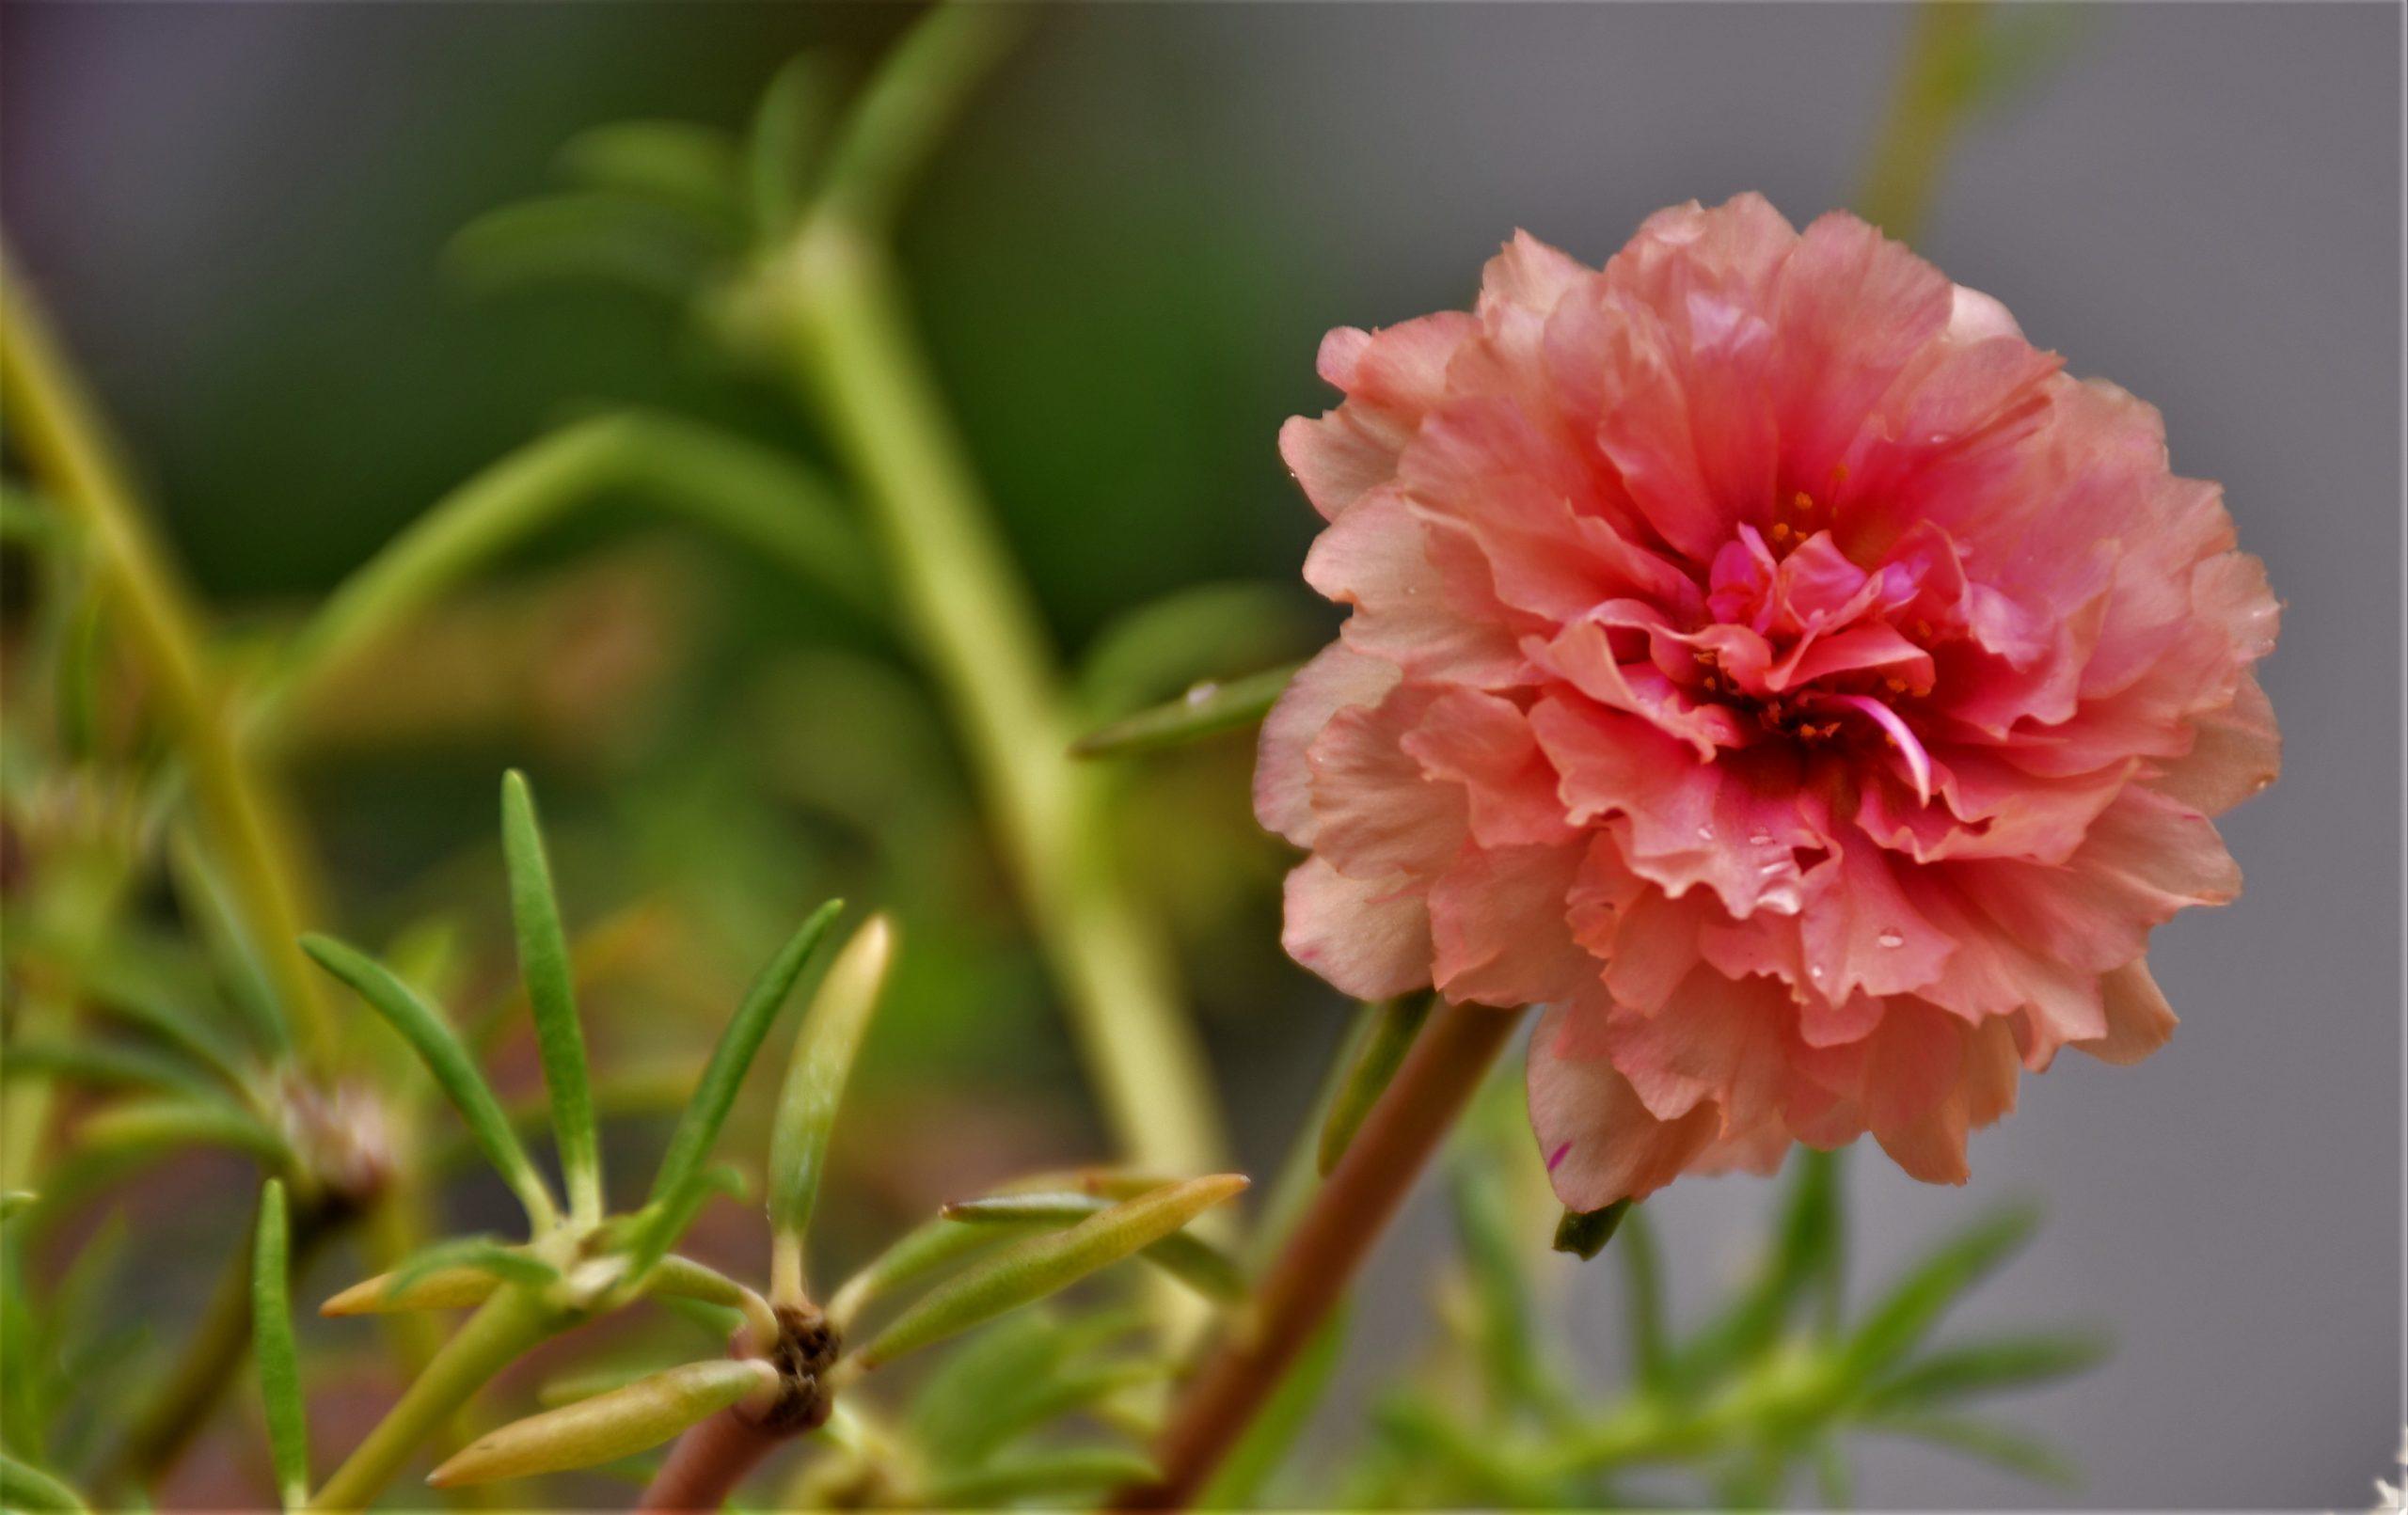 Peach colored Portulaca Grandiflora flower